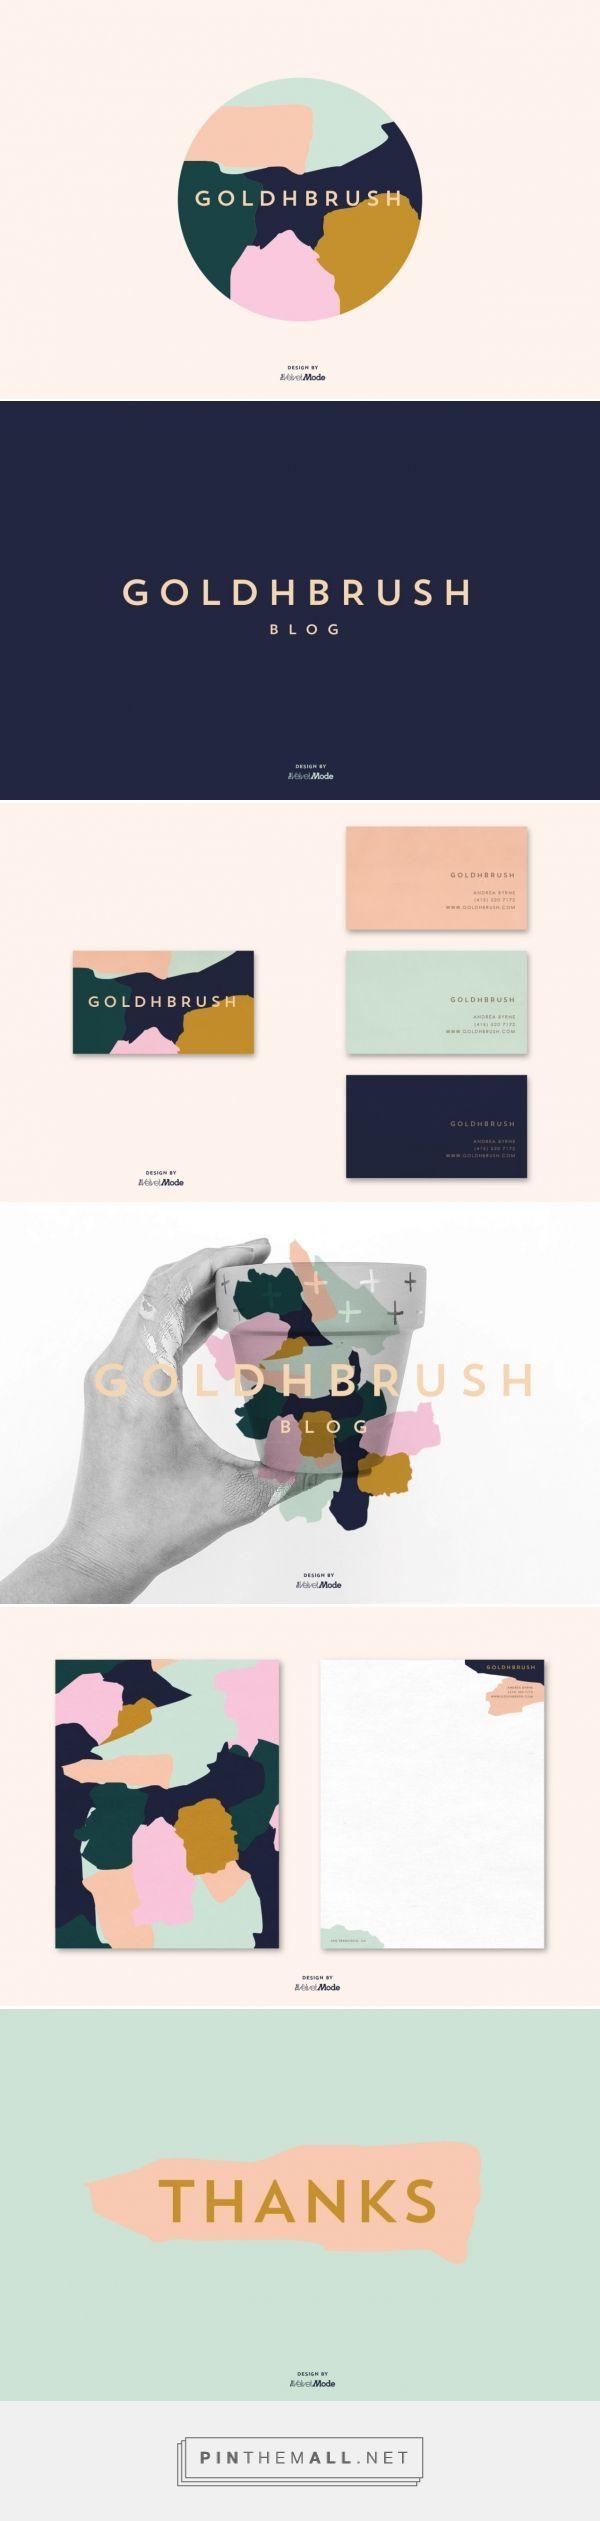 Branding for Goldhbrush Blog by The Velvet Mode in San Francisco.                                                                                                                                                                                 More